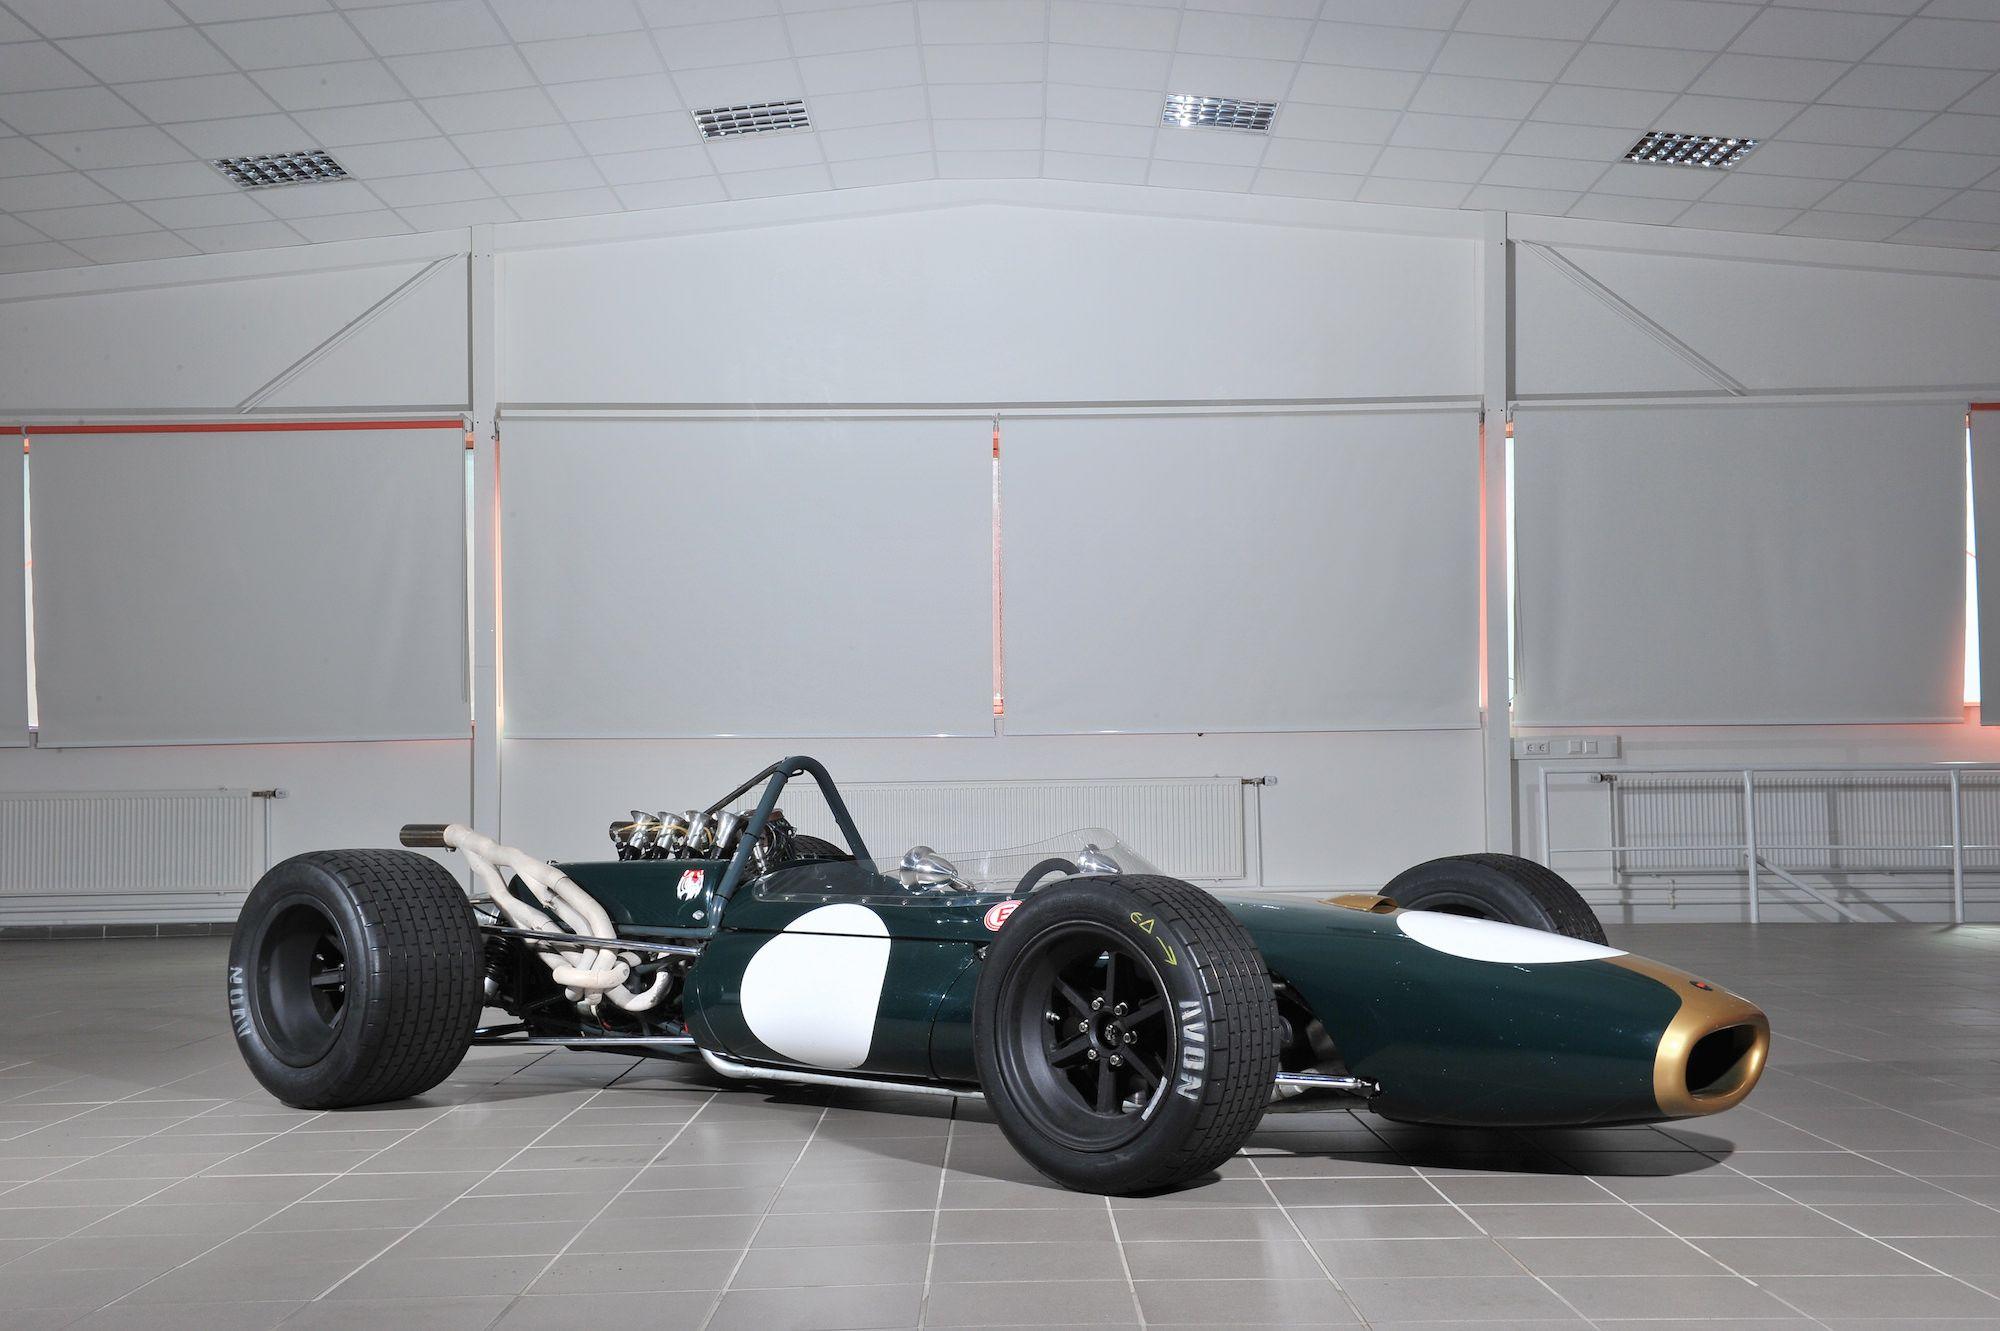 1966 Brabham-Repco BT20 Formula 1 Car | F1, Cars and Motor sport